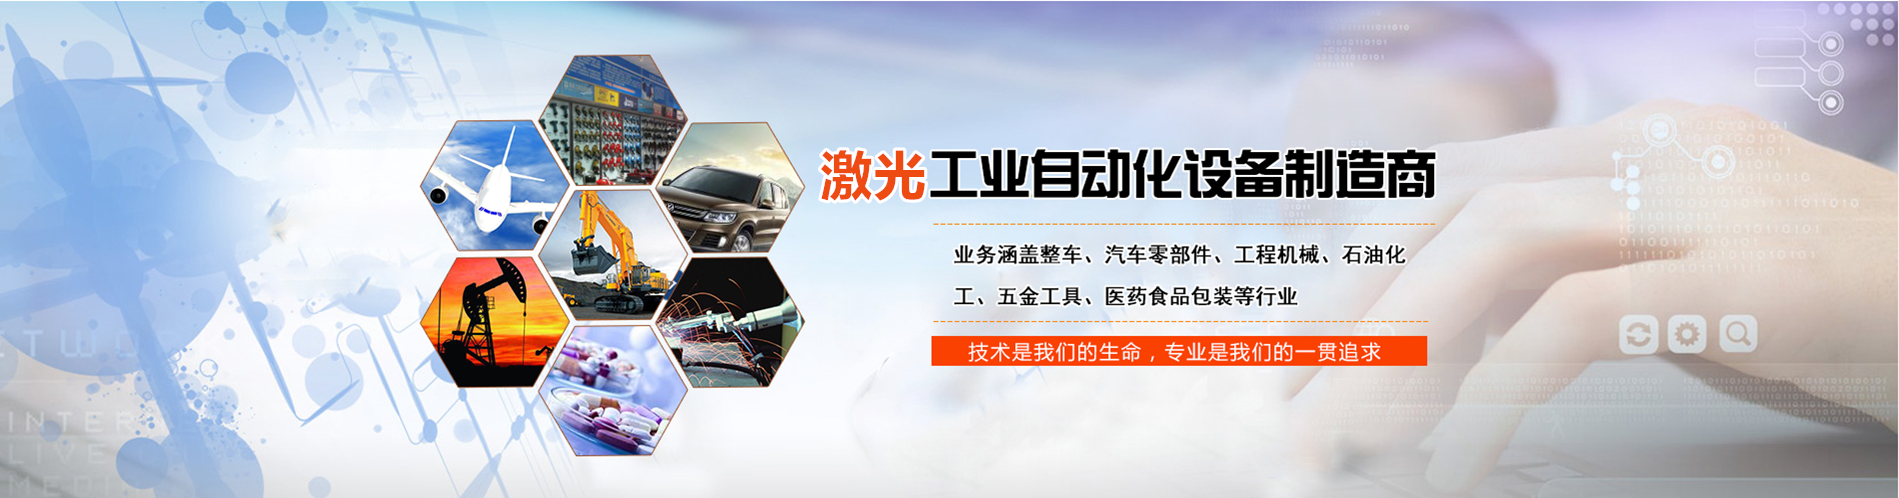 深圳市瑞特激光科技有限公司